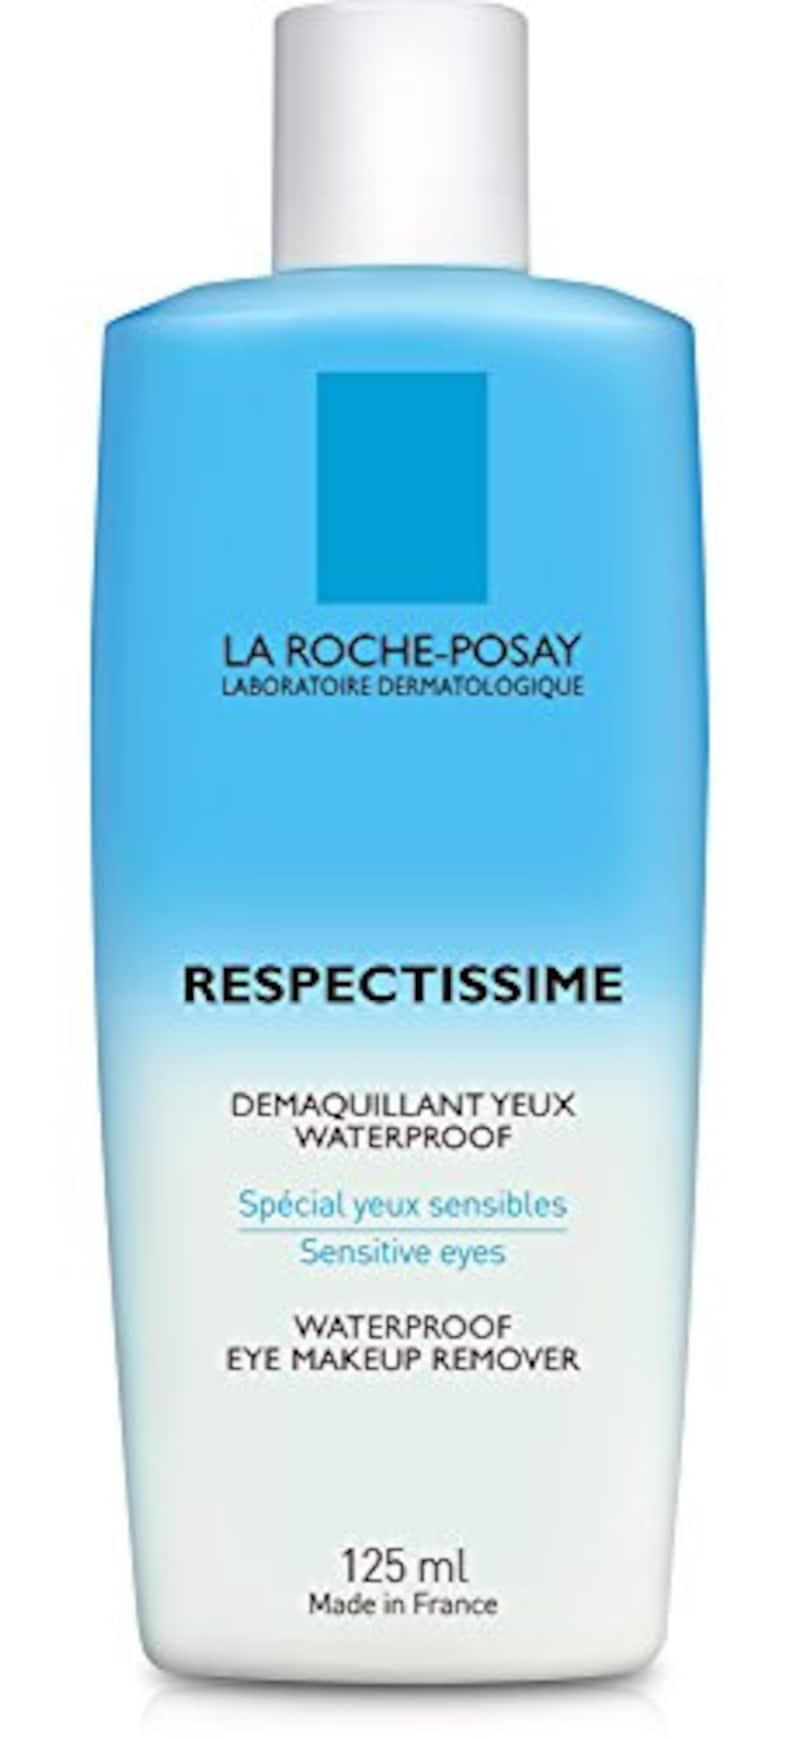 La Roche-Posay(ラロッシュポゼ),レスペクティッシム ポイントメイクアップリムーバー